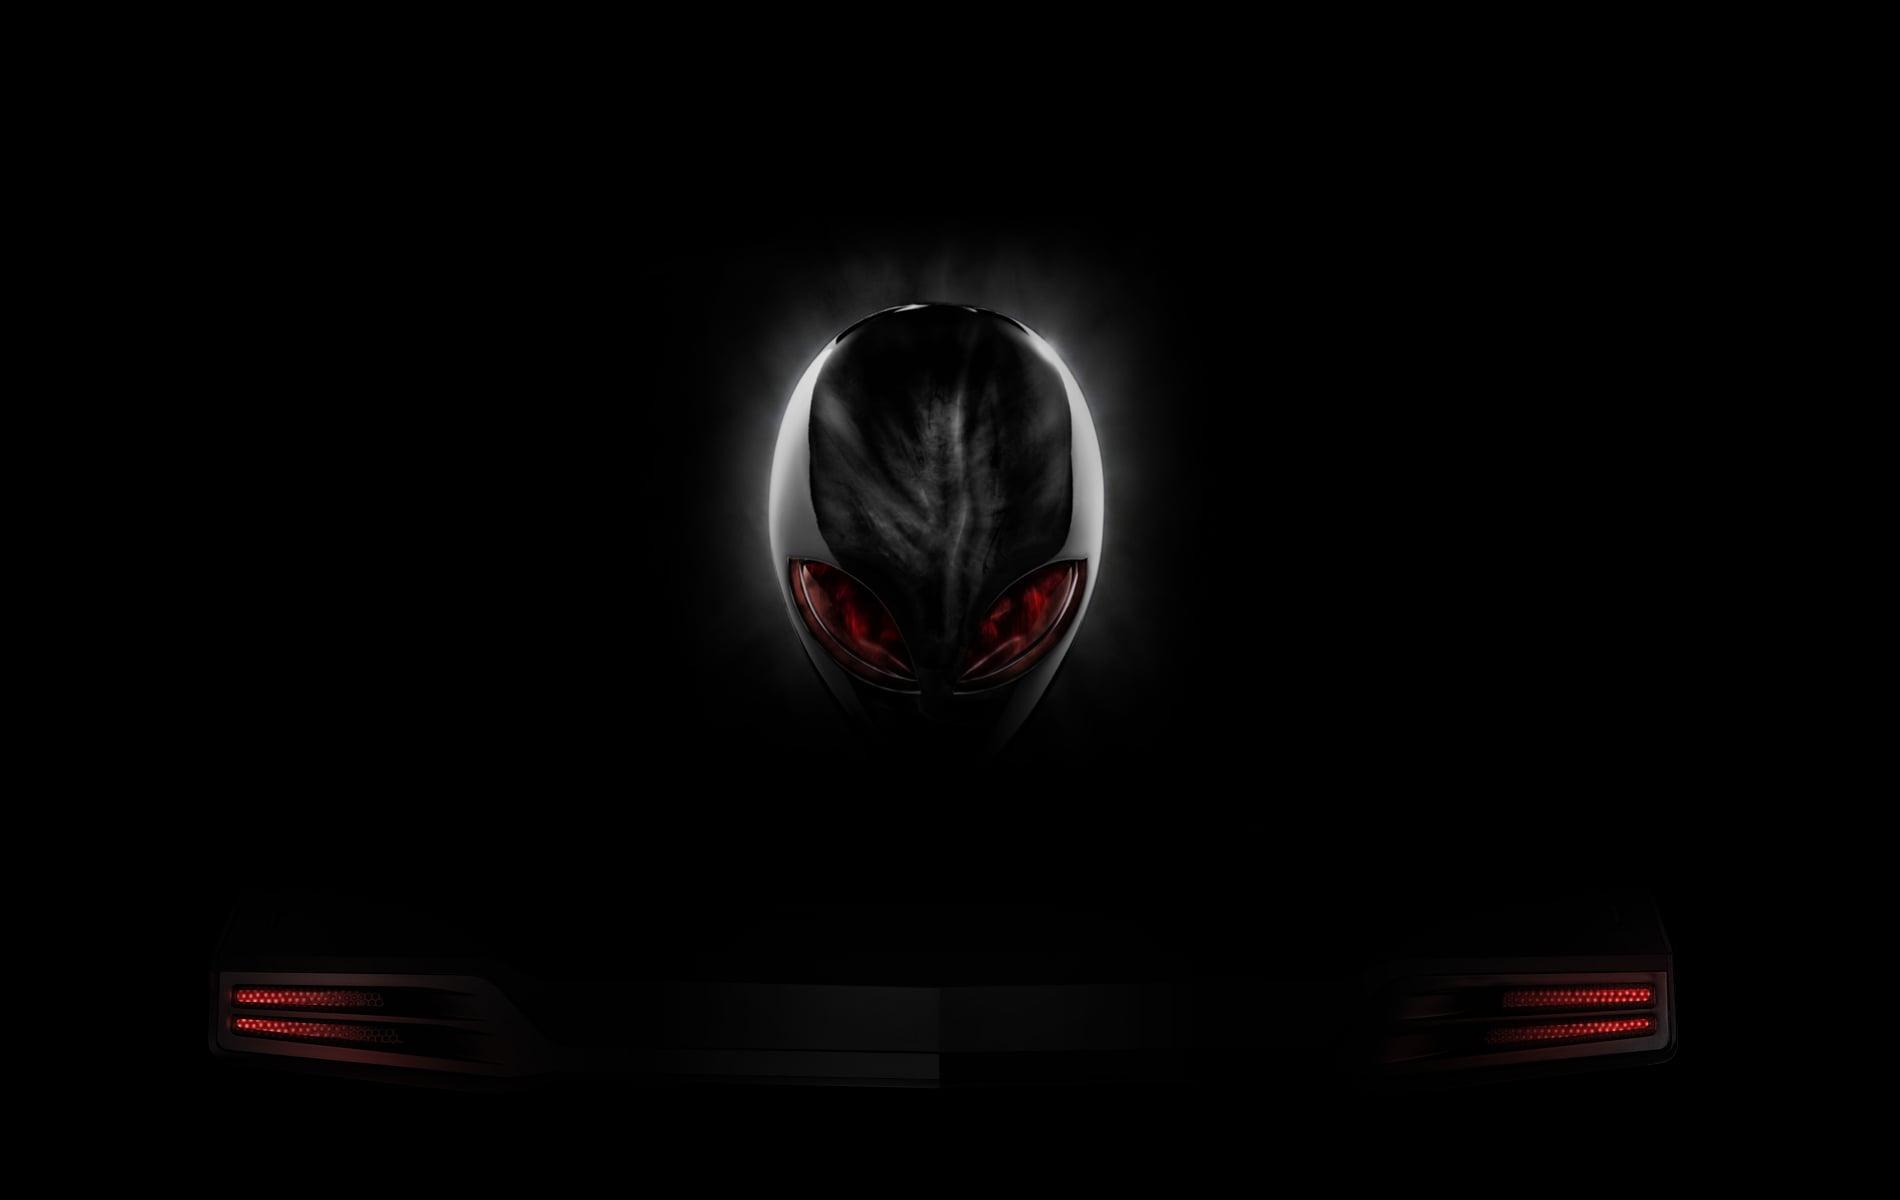 Alien theme for se7en